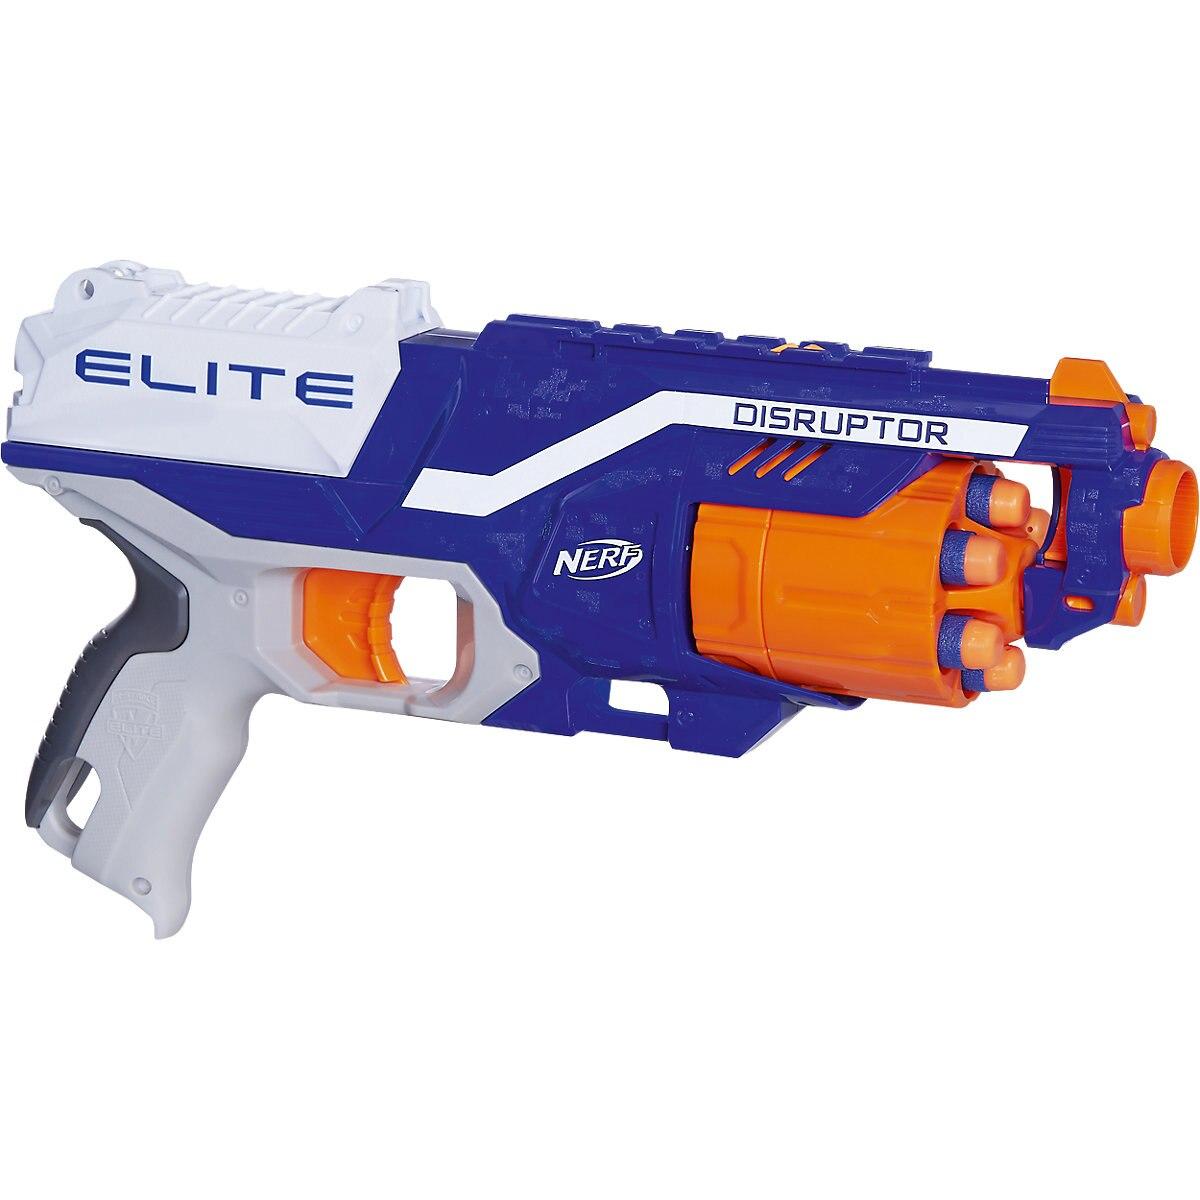 Armas de brinquedo nerf 5104315 crianças brinquedo arma blasters meninos tiro jogos ao ar livre jogar mtpromo